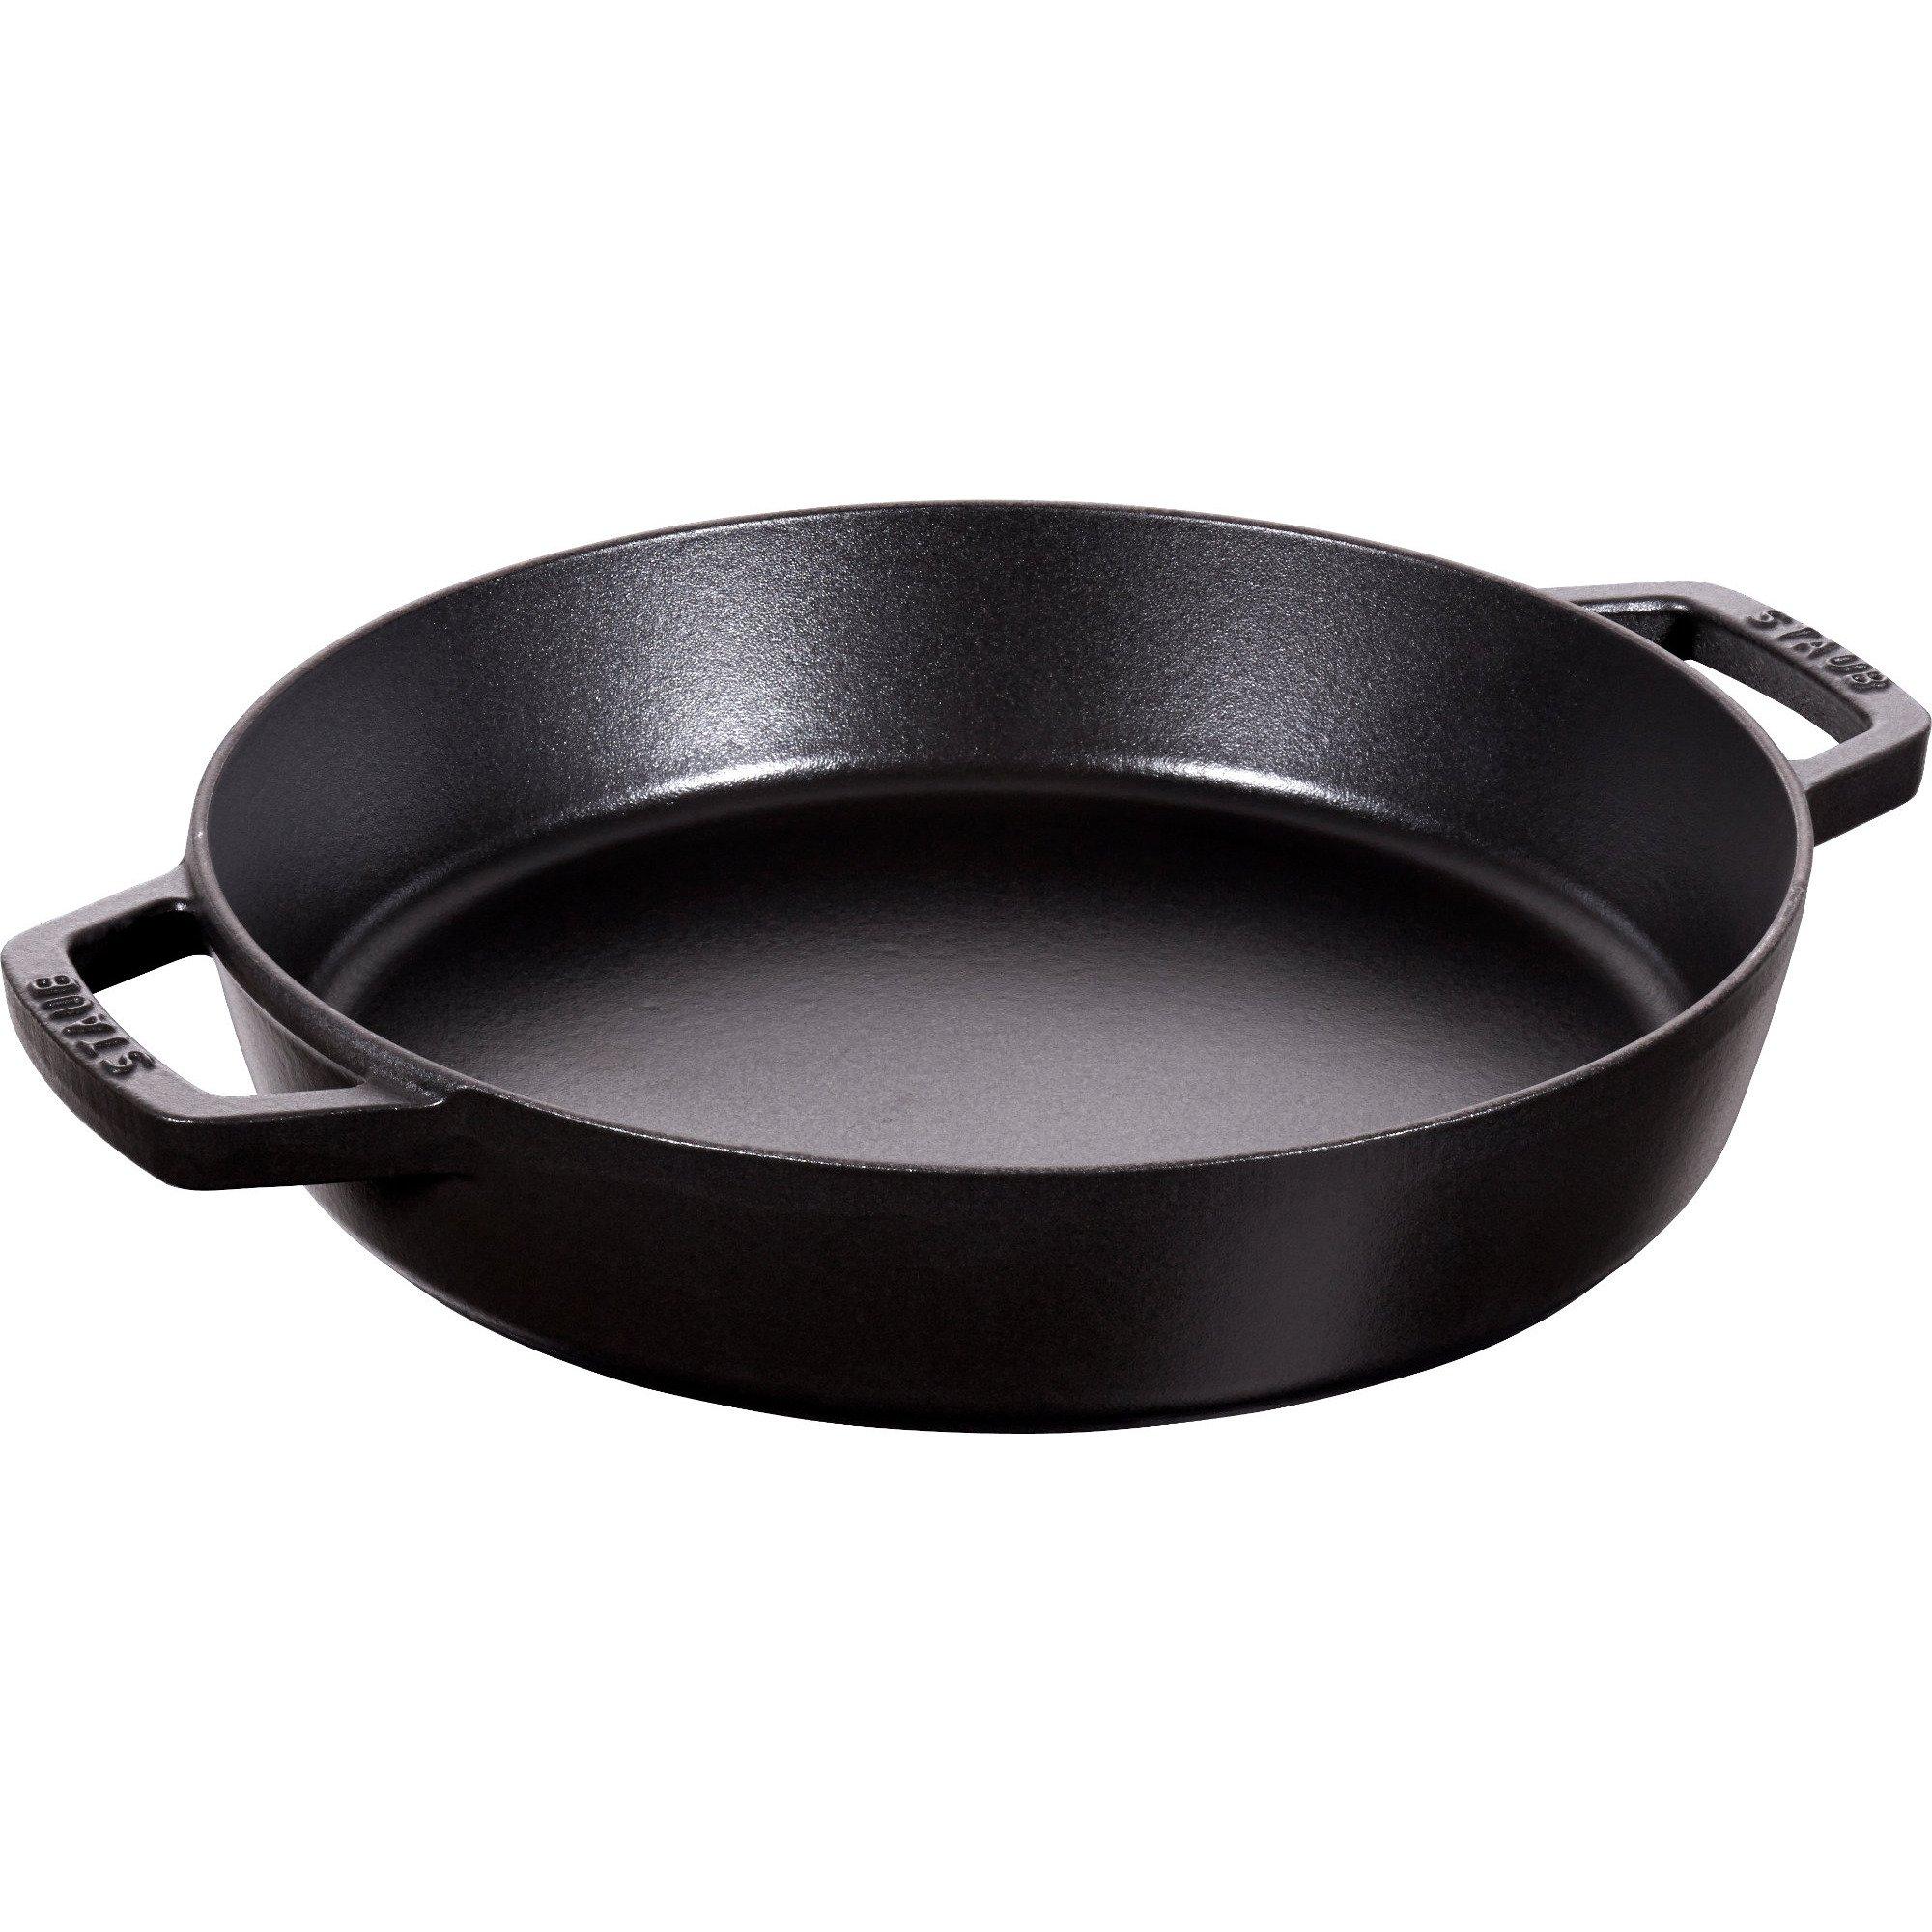 Staub Pans Series Sautépanna med Två Handtag Svart 26 cm